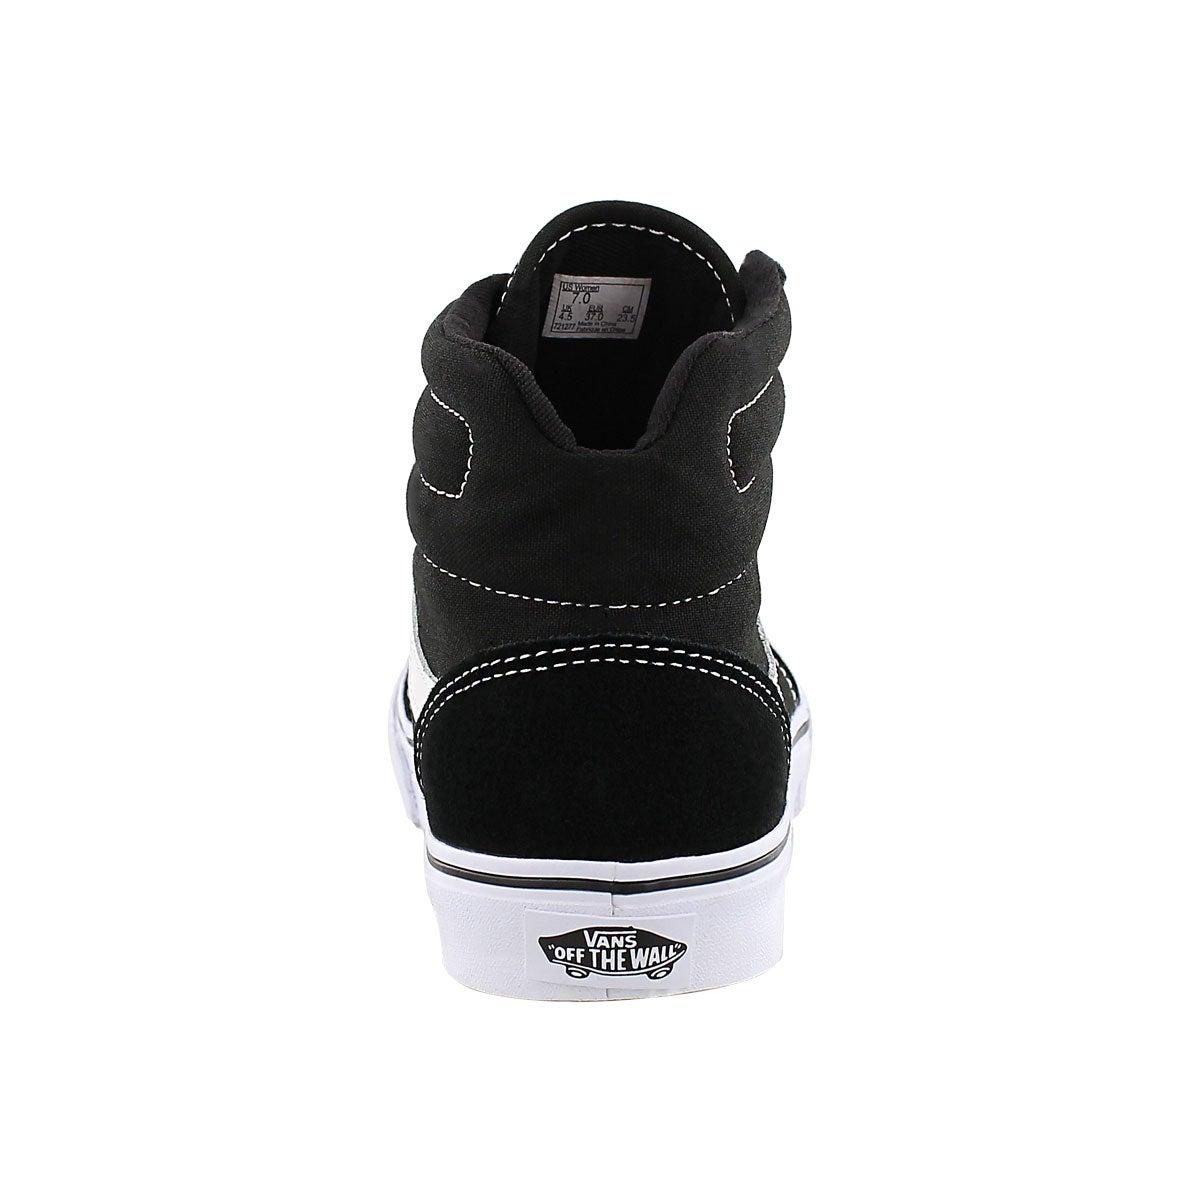 Lds Milton Hi black lace up sneaker